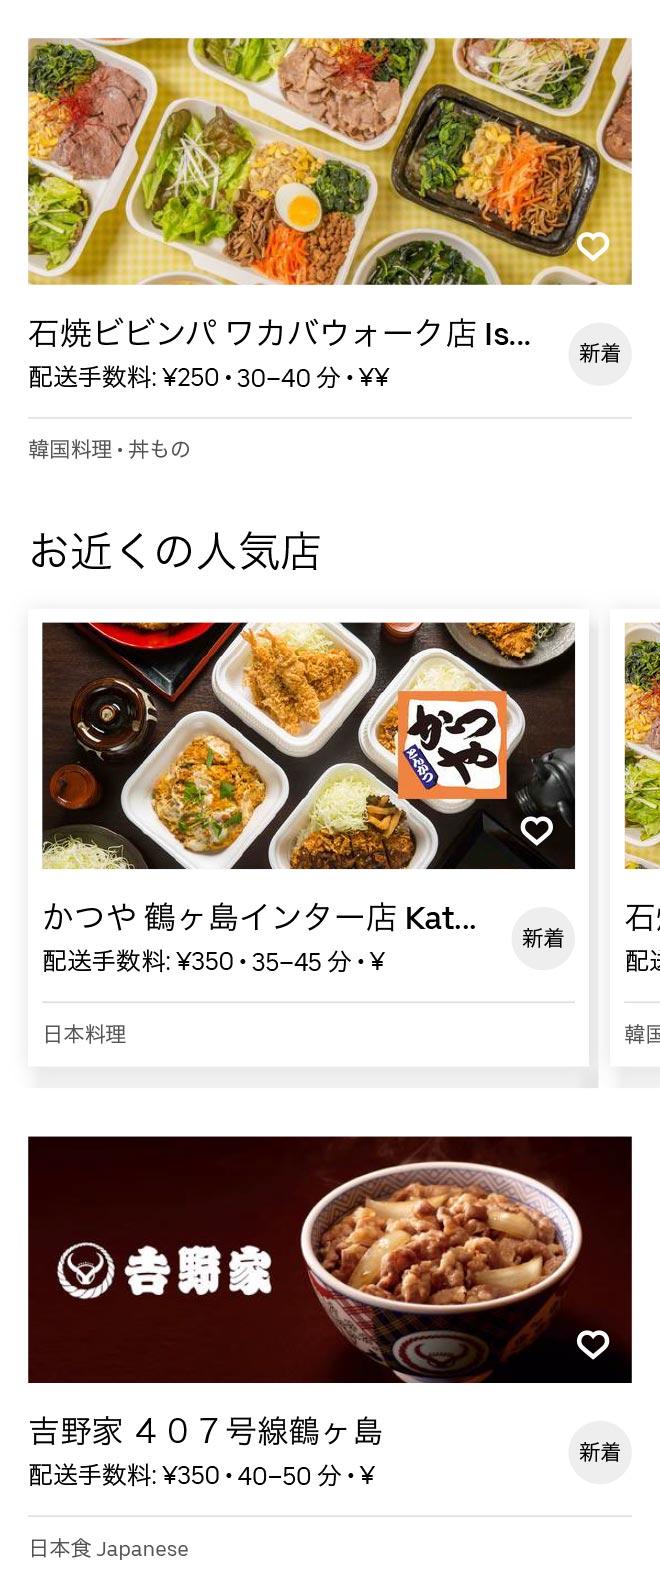 Tsurugashima menu 2010 04